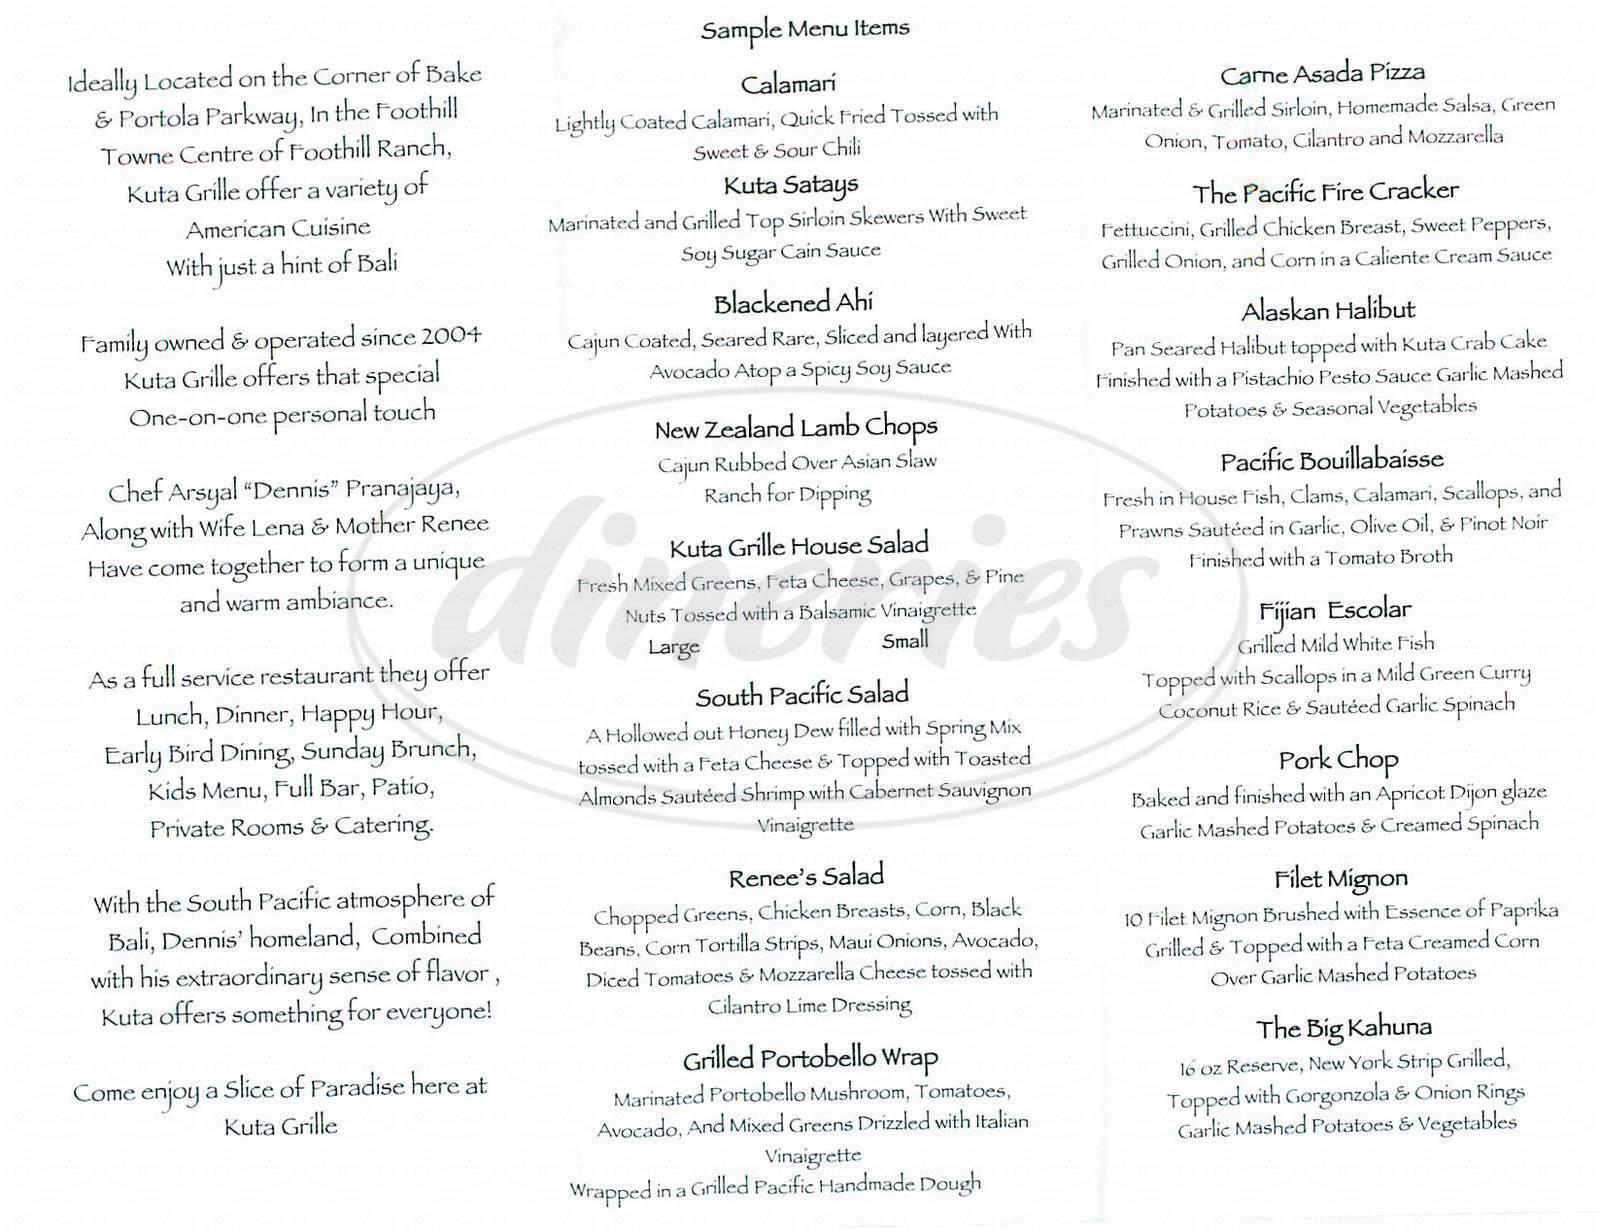 menu for Kuta Grille